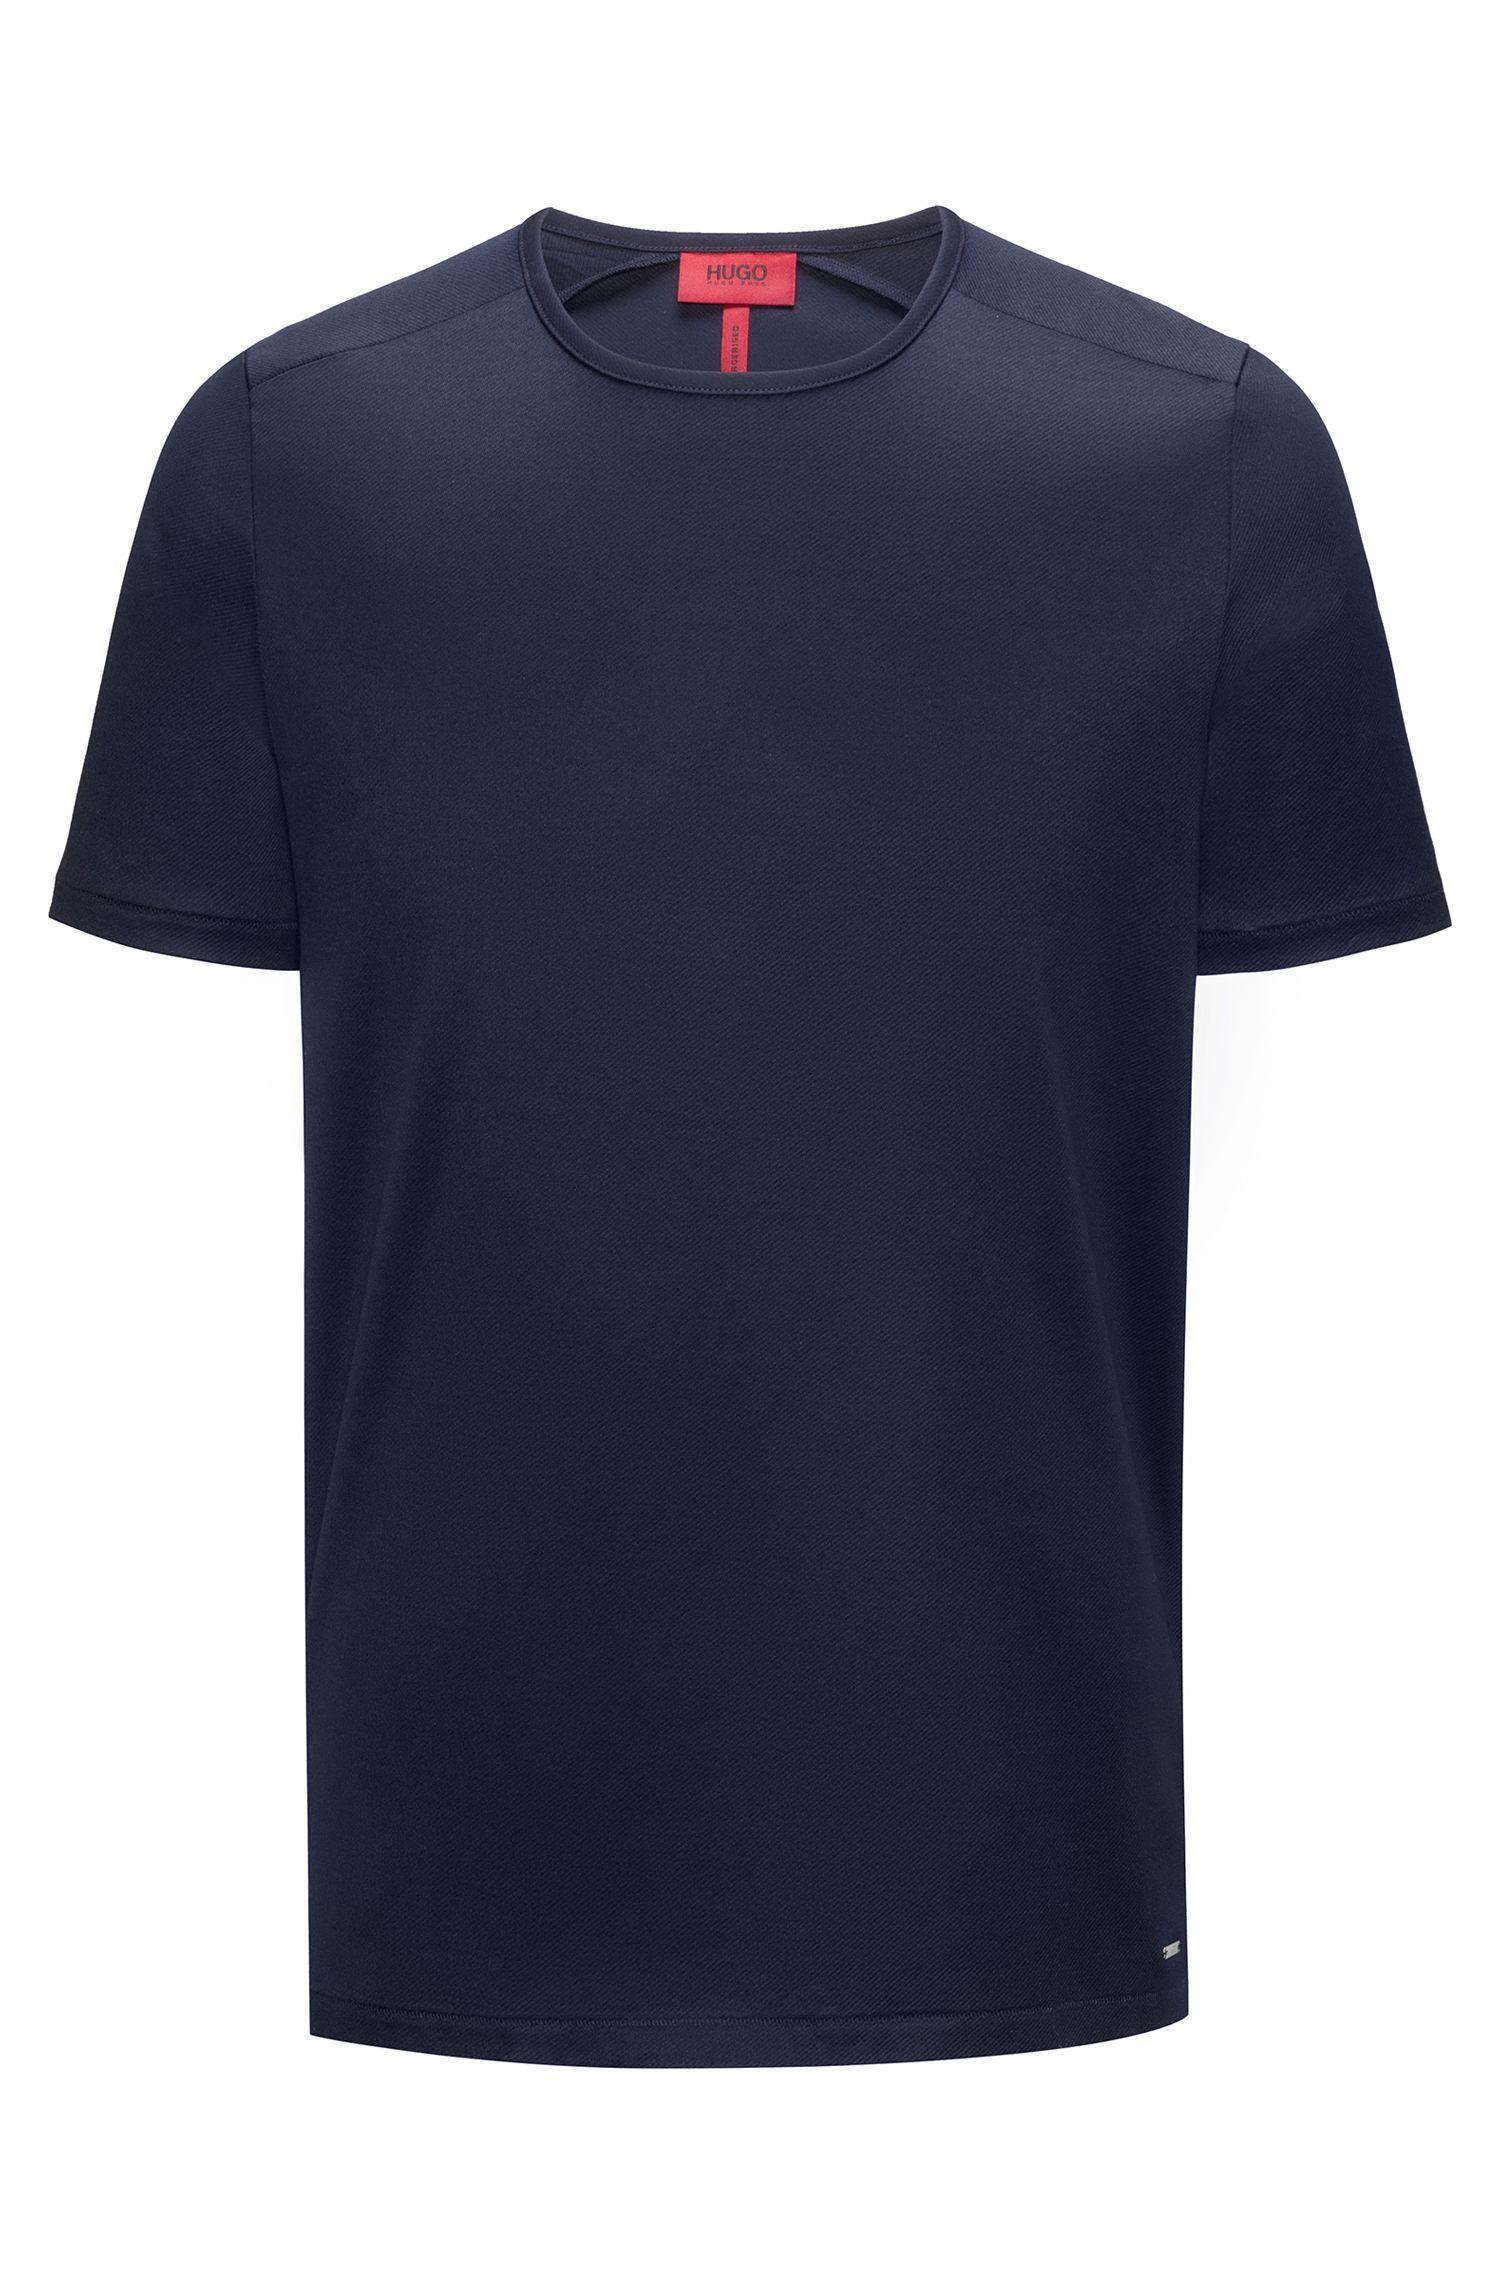 Mercerized Cotton T-Shirt | Dajor